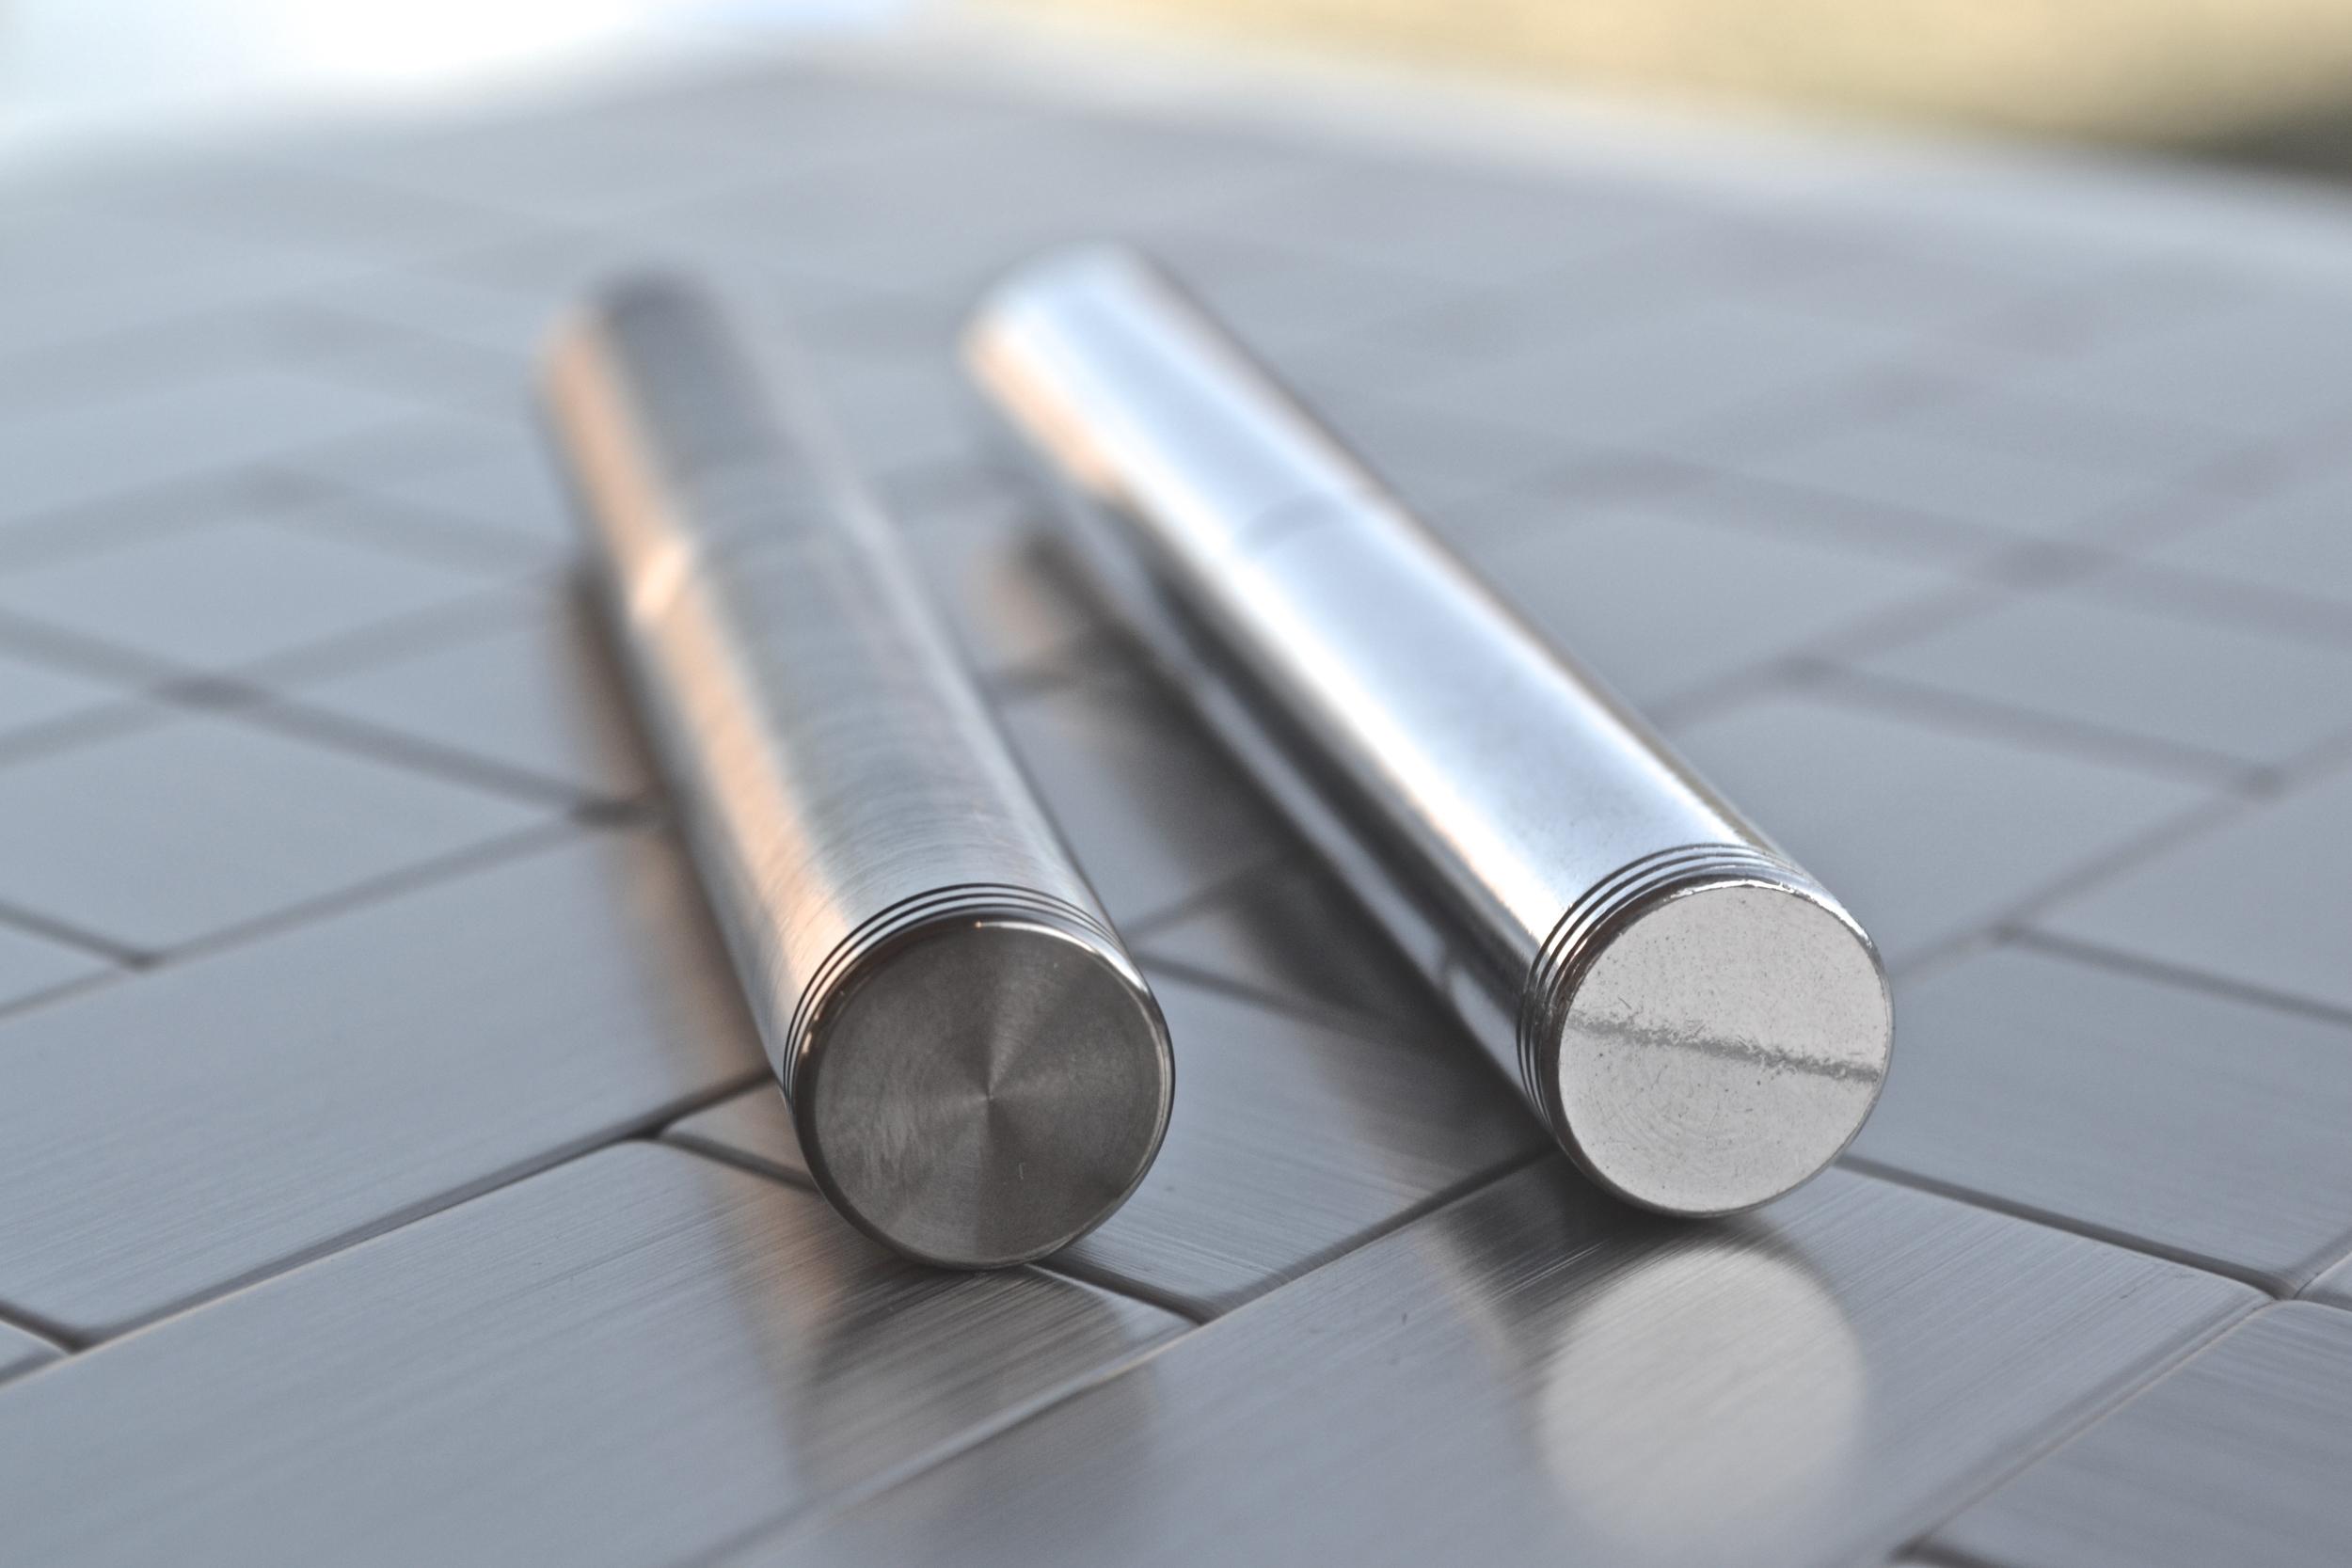 How To Darken Stainless Steel